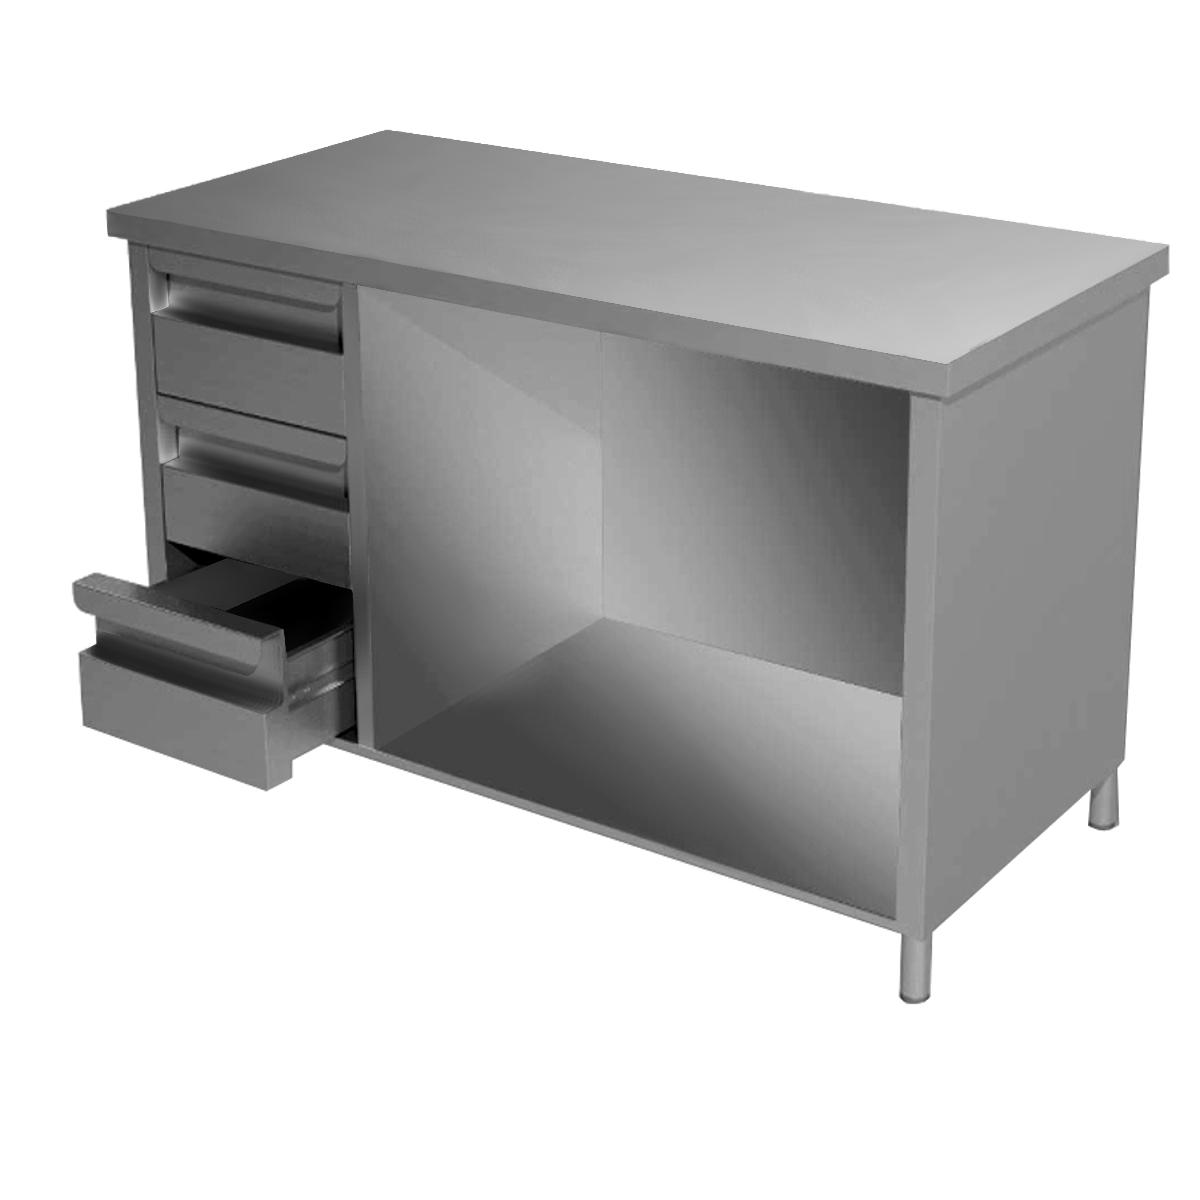 Tavolo Acciaio inox aperto con 3 cassetti a sinistra